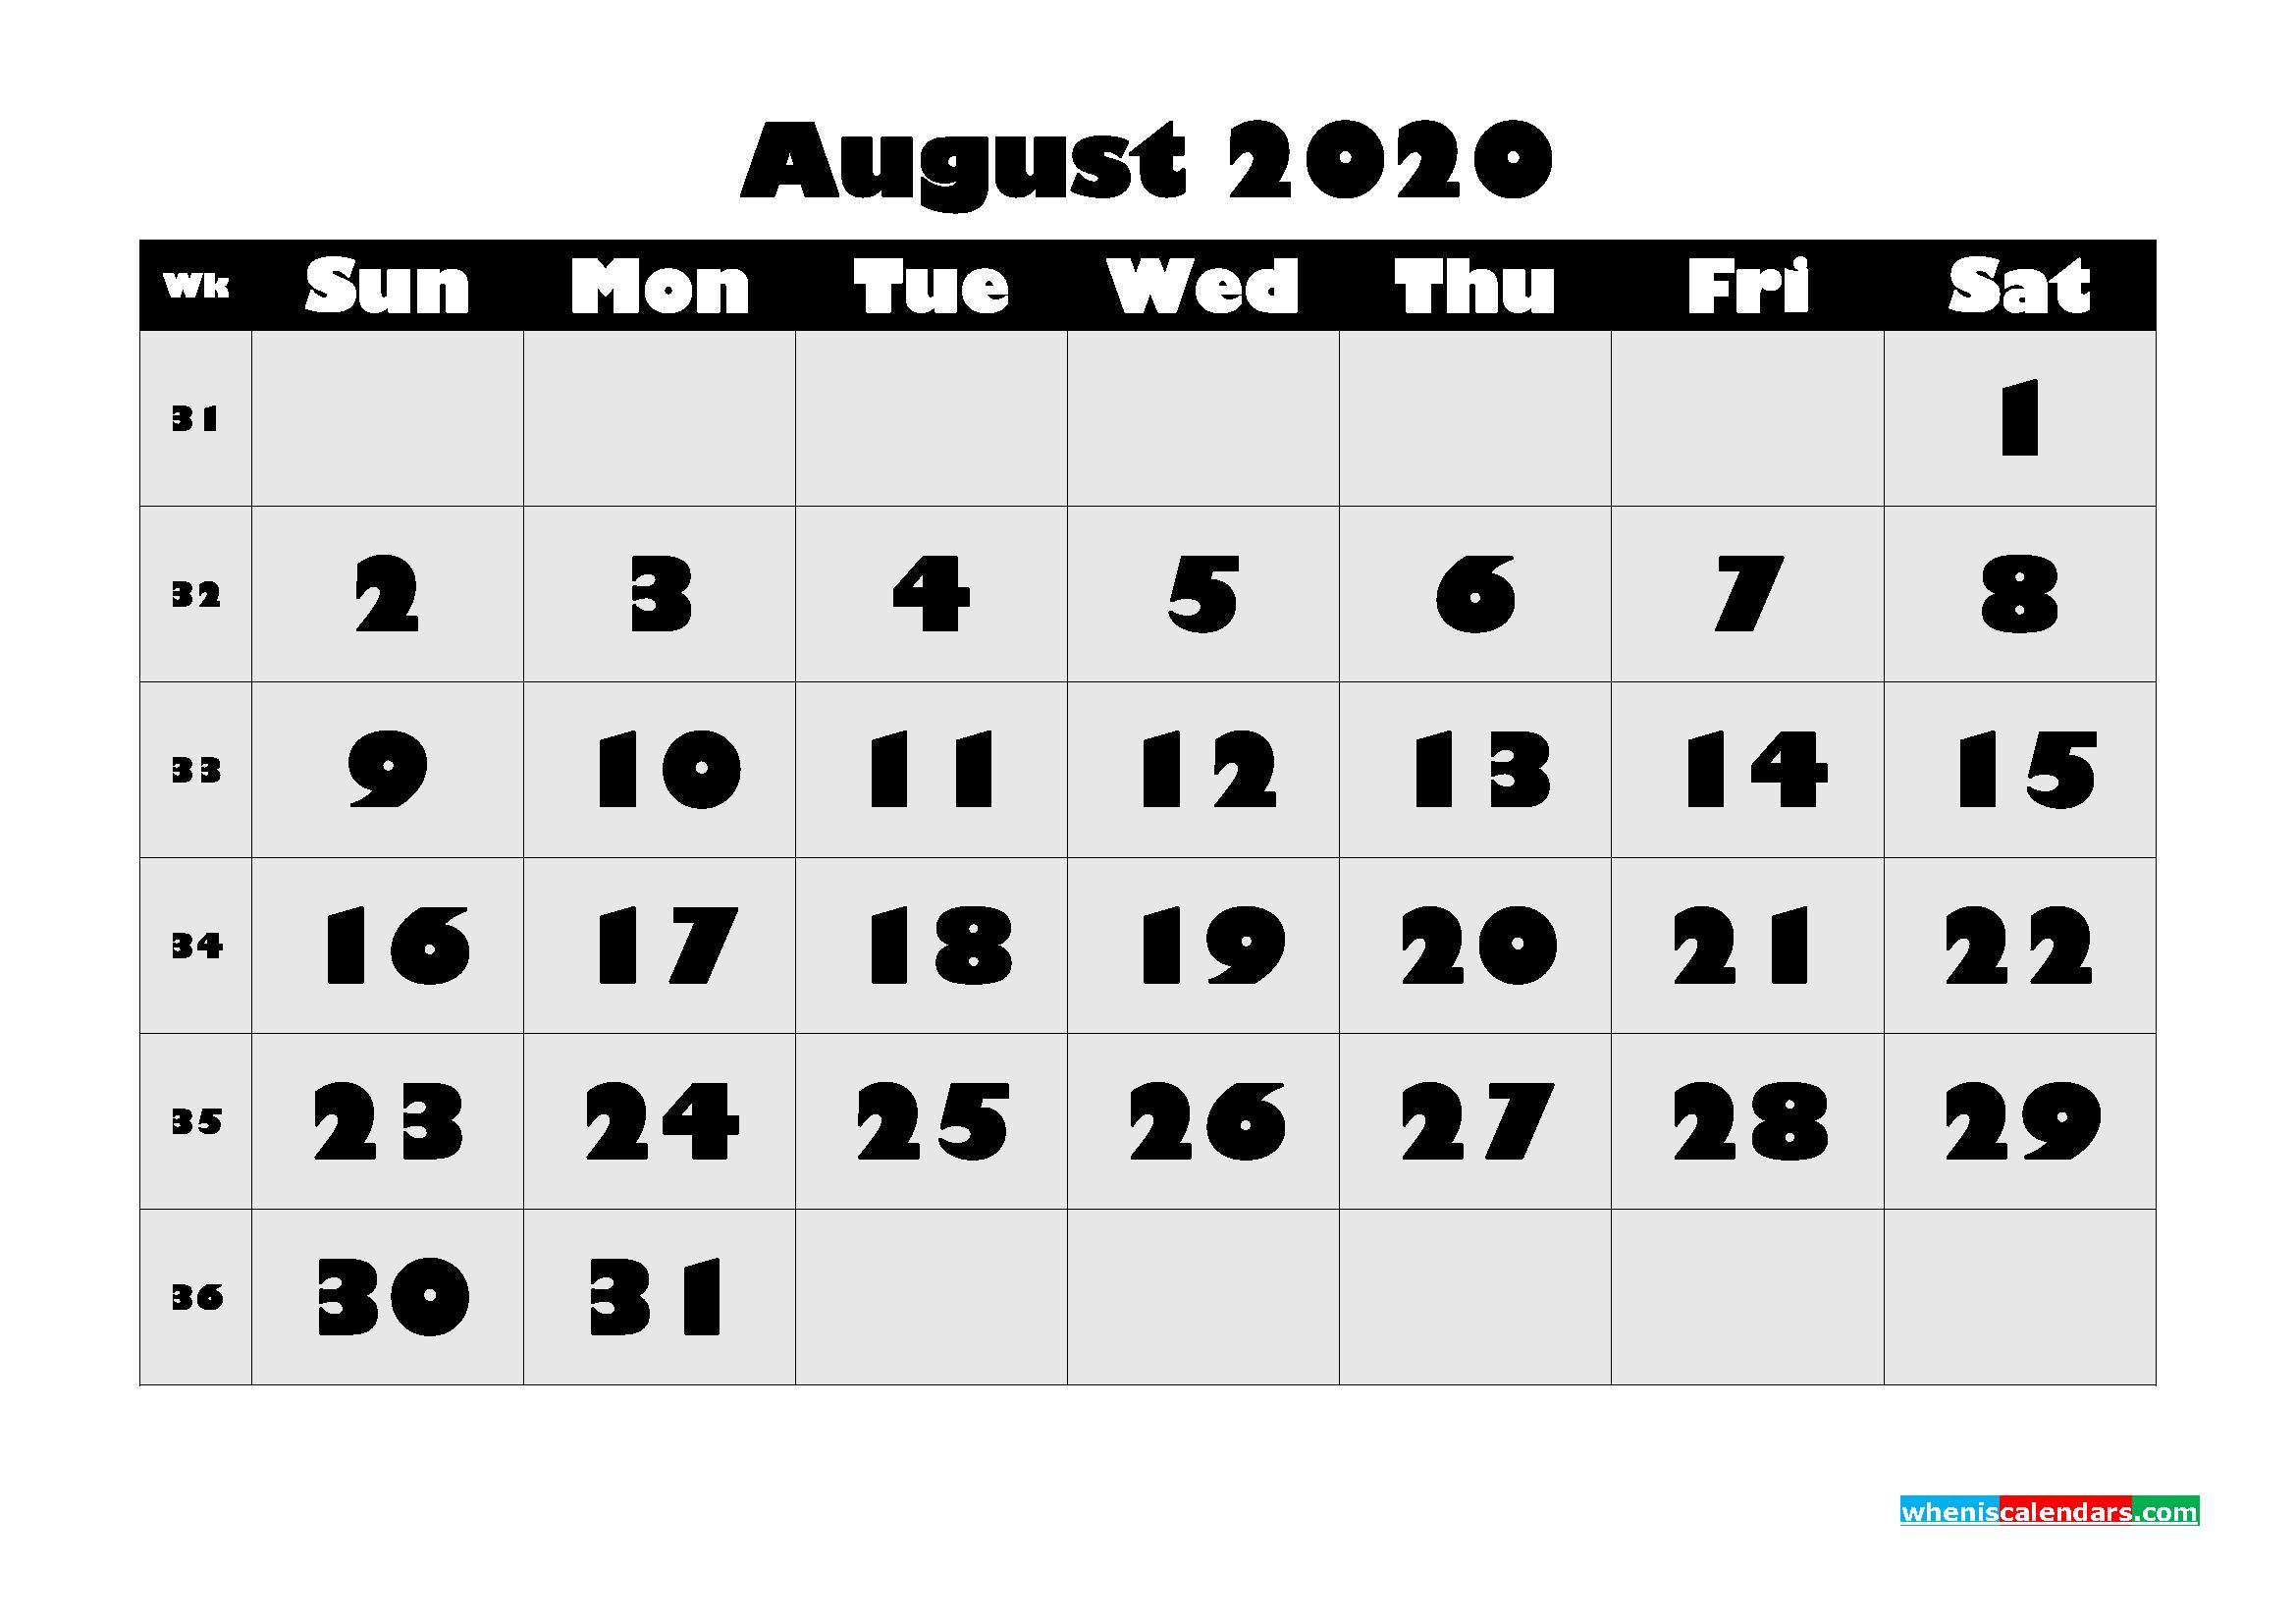 Free Printable August 2020 Calendar - No.m20b608